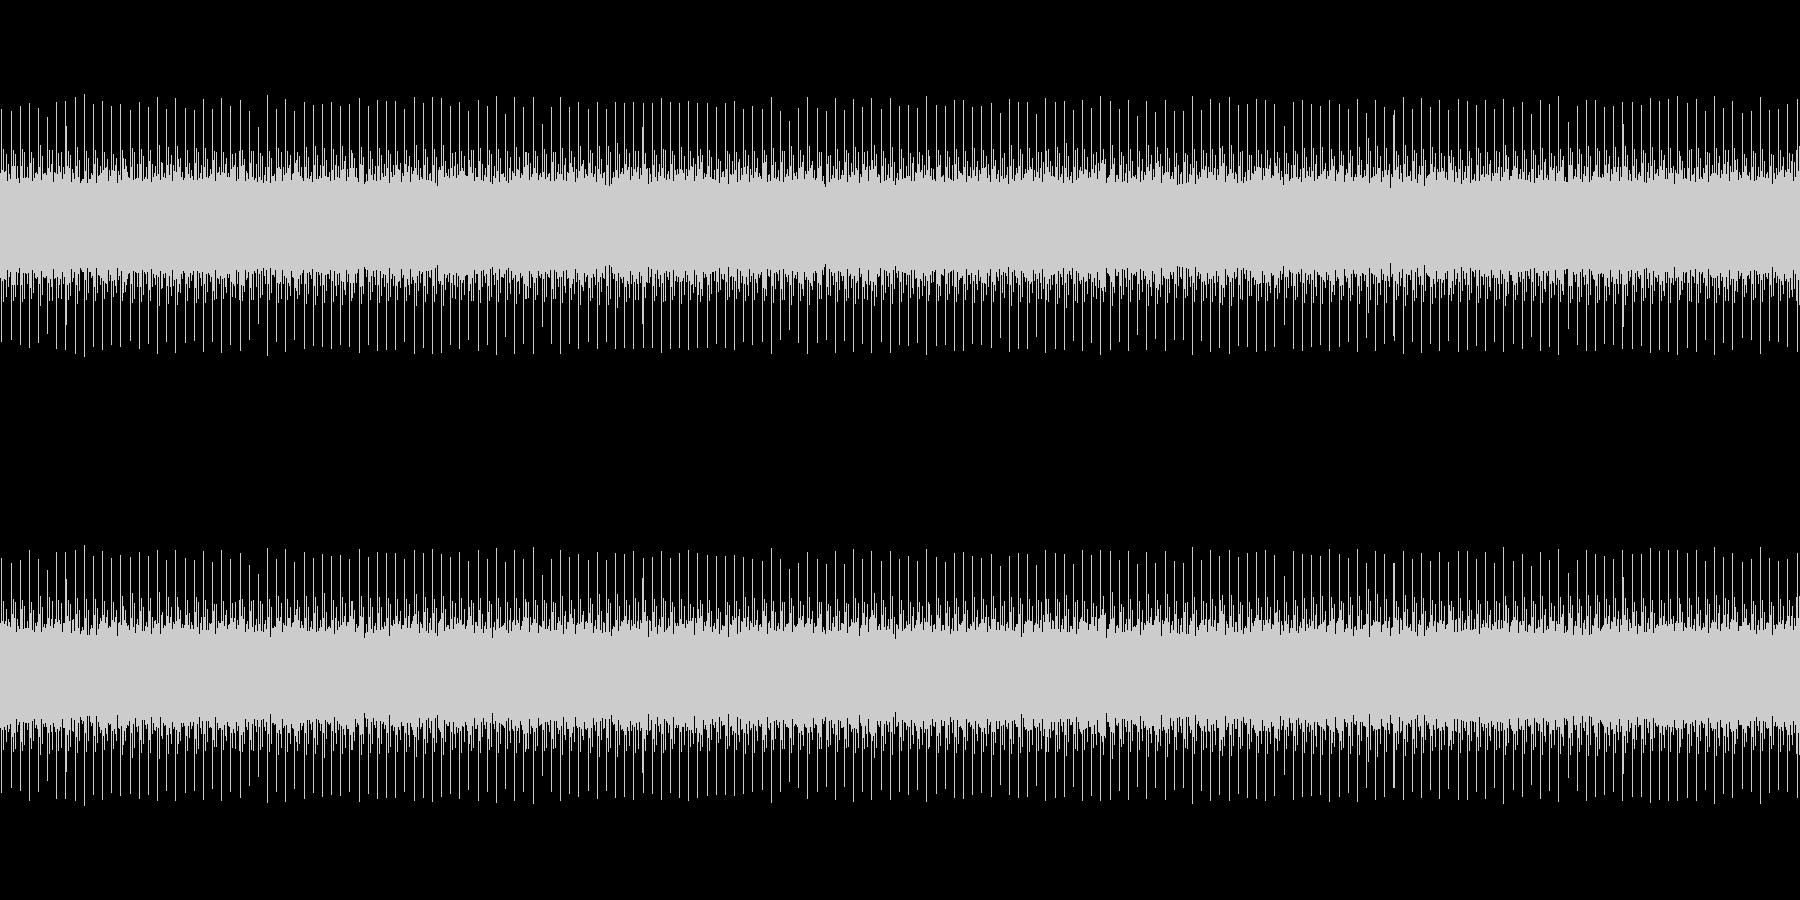 開演時の音の未再生の波形